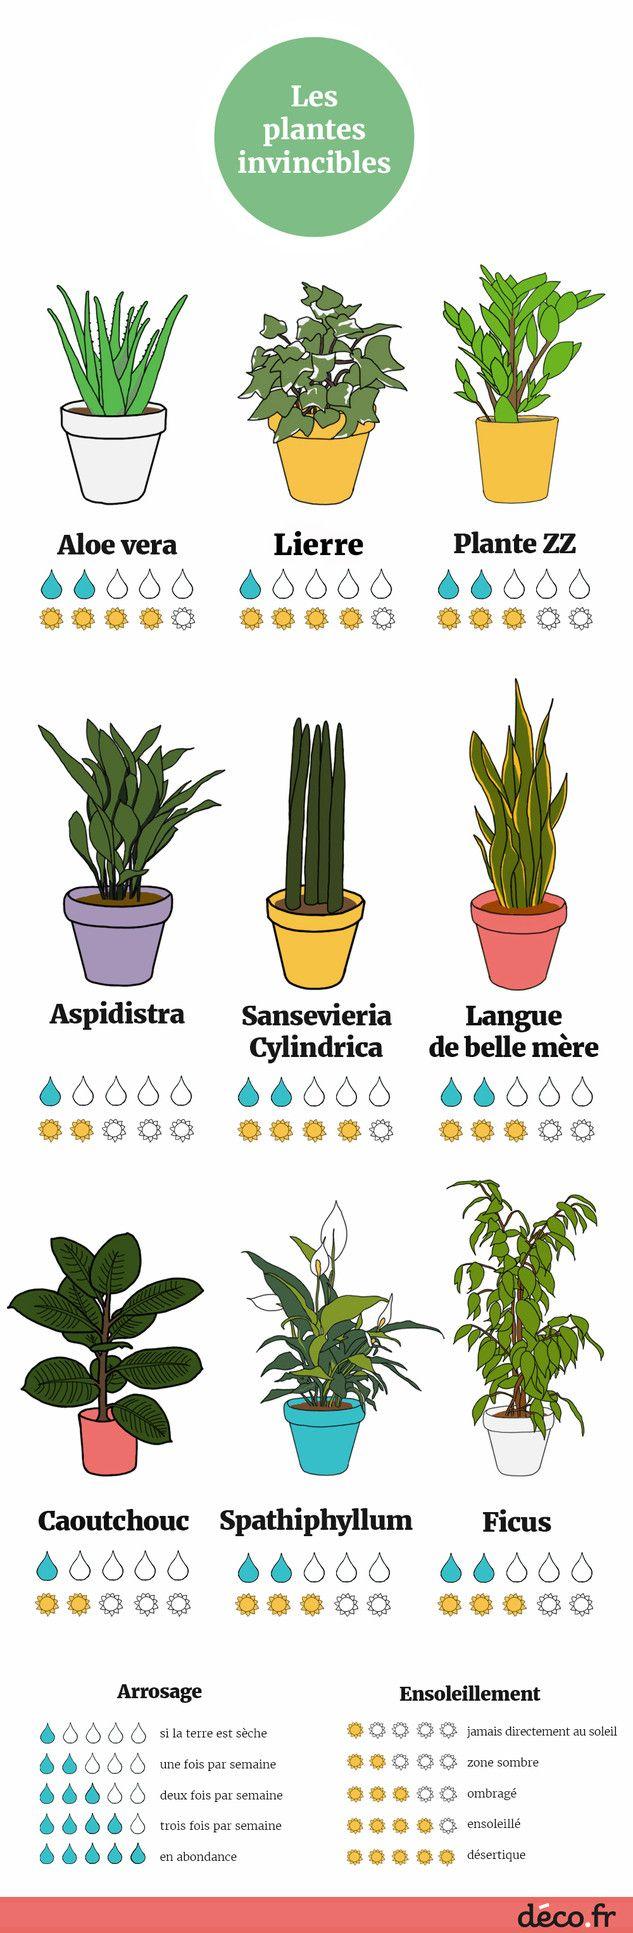 Photo of 9 plantes d'intérieur invincibles